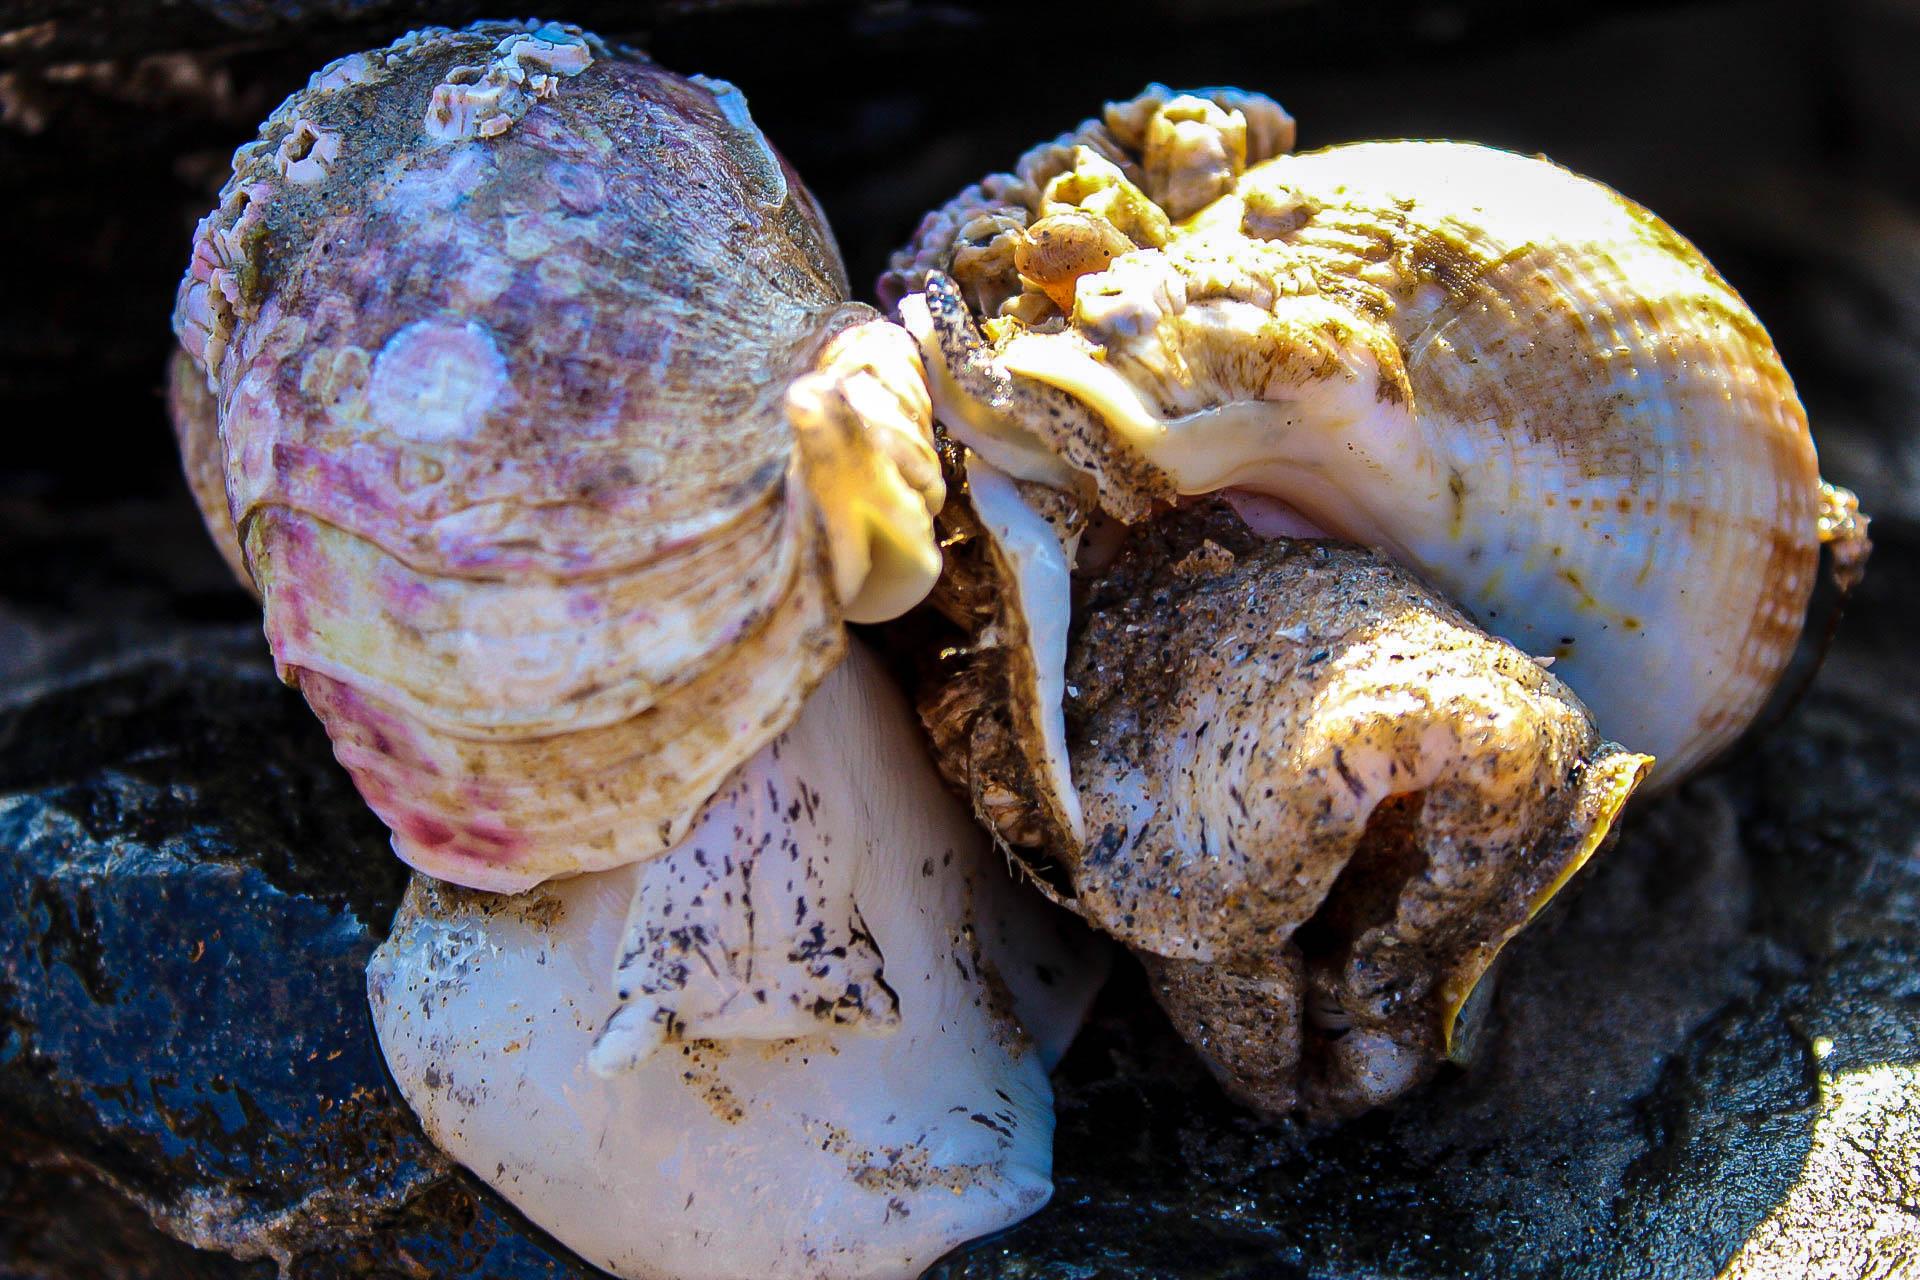 Common Whelks